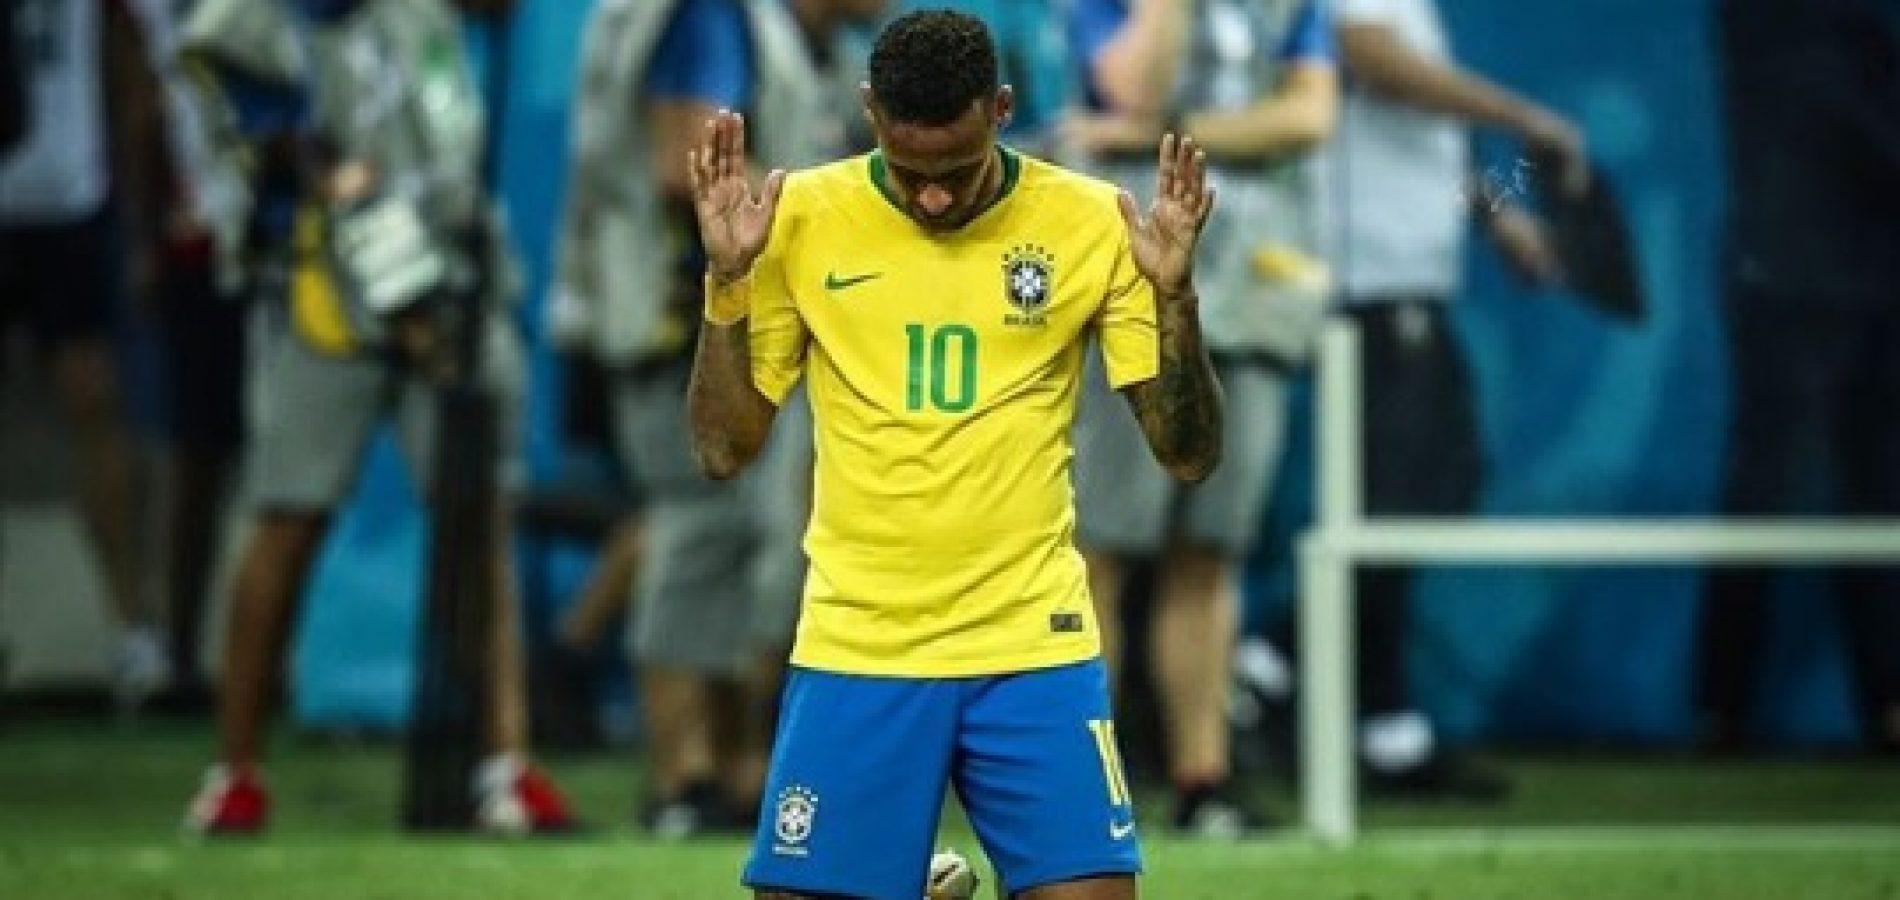 Presidente da CBF descarta cortar Neymar da Seleção